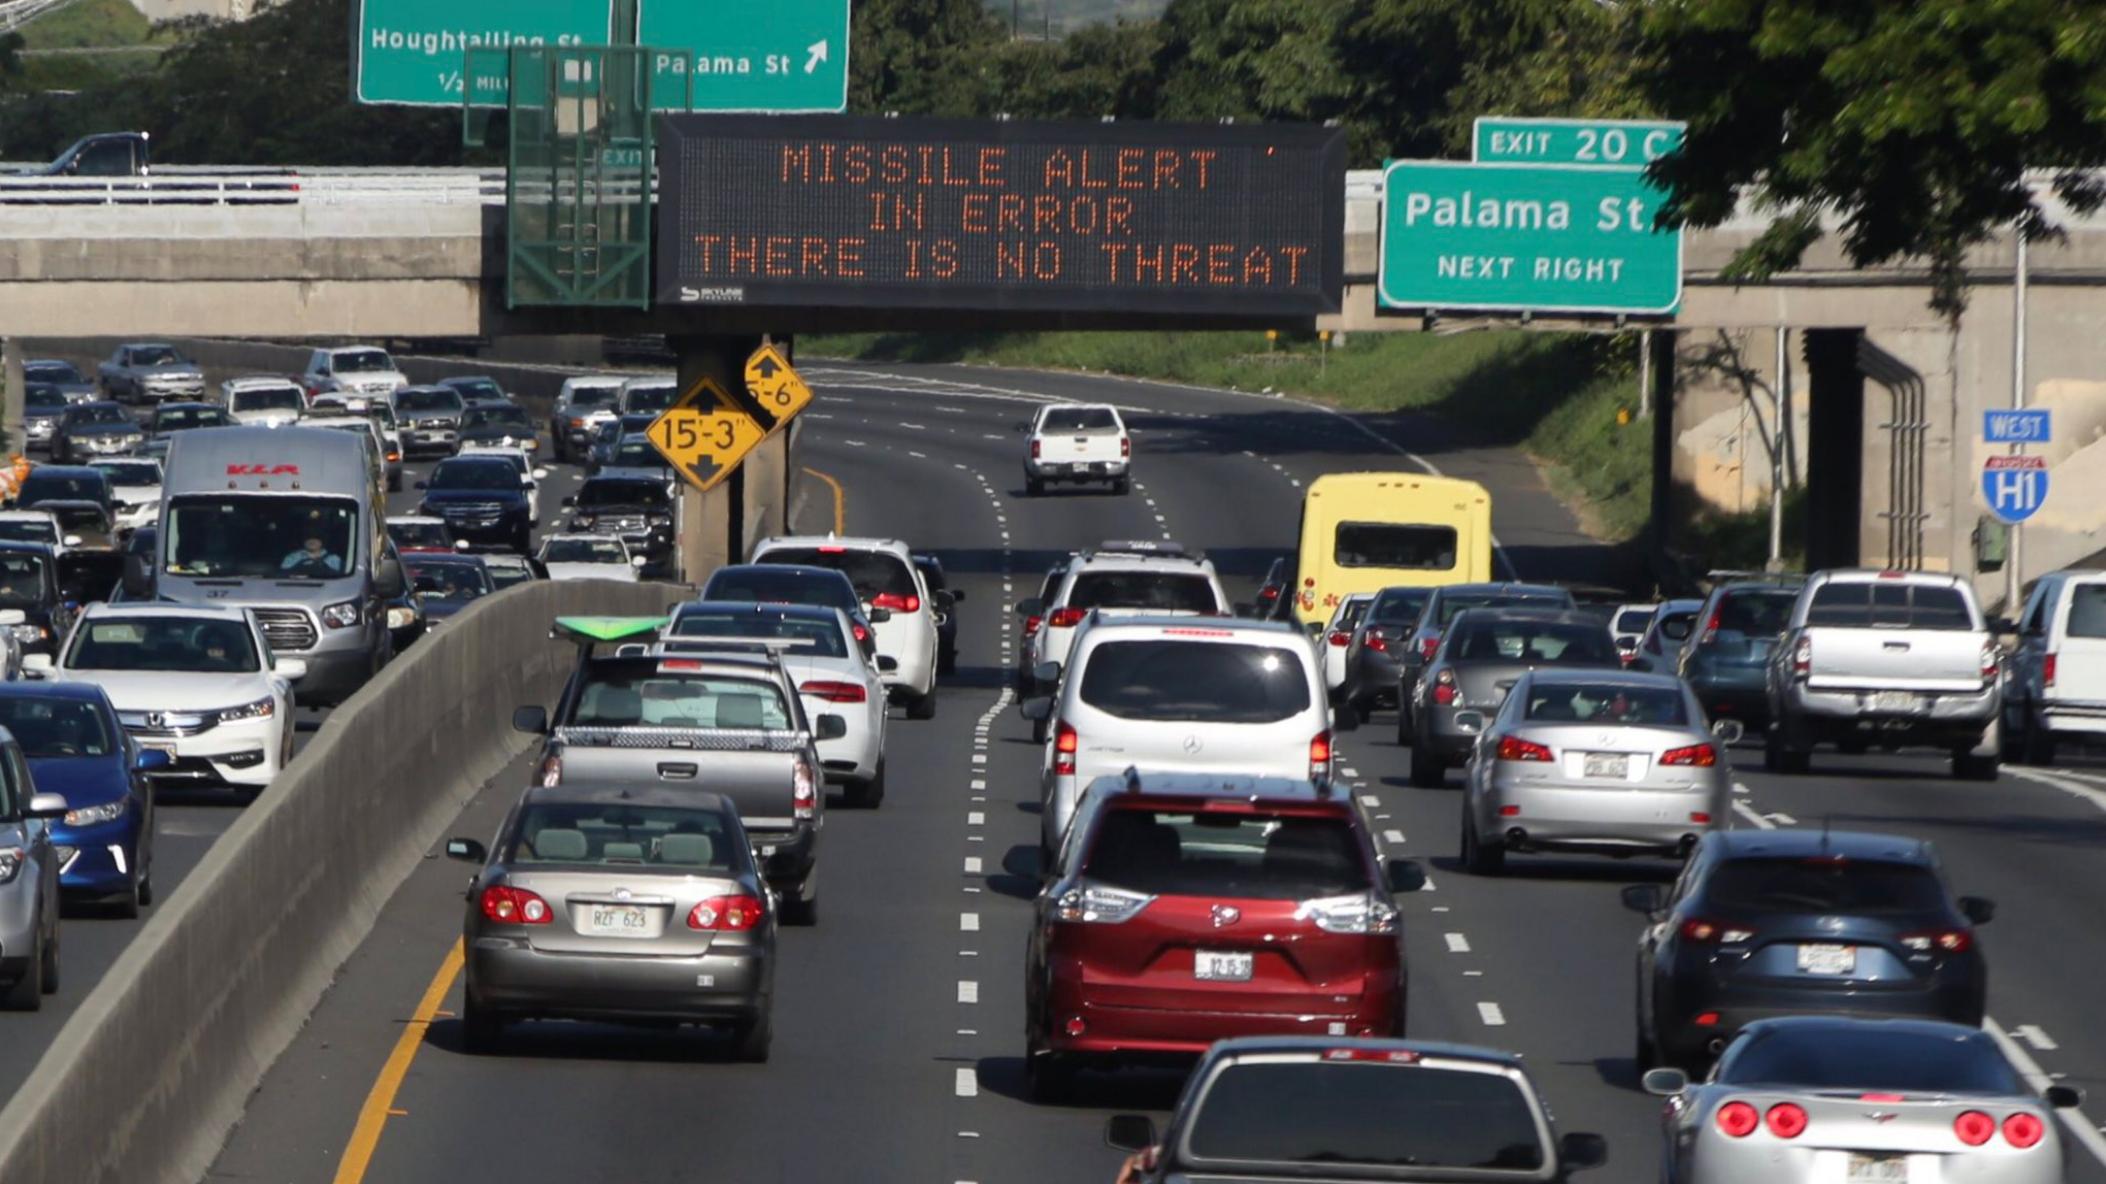 Havaí com um Alerta de Míssil Falso